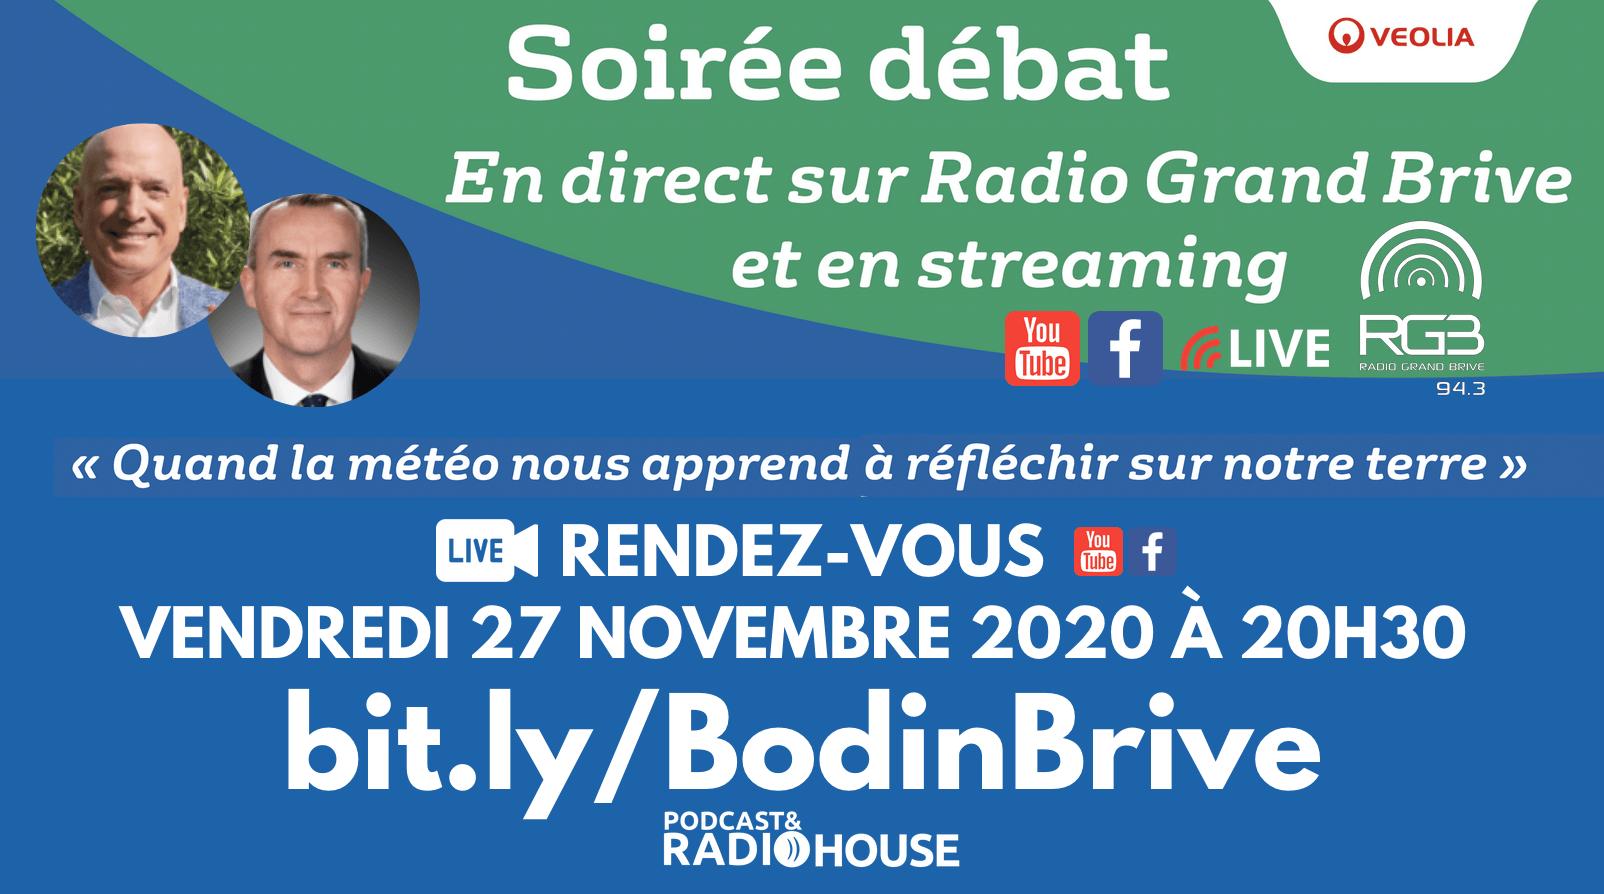 Louis Bodin en direct depuis la Podcast & Radio House